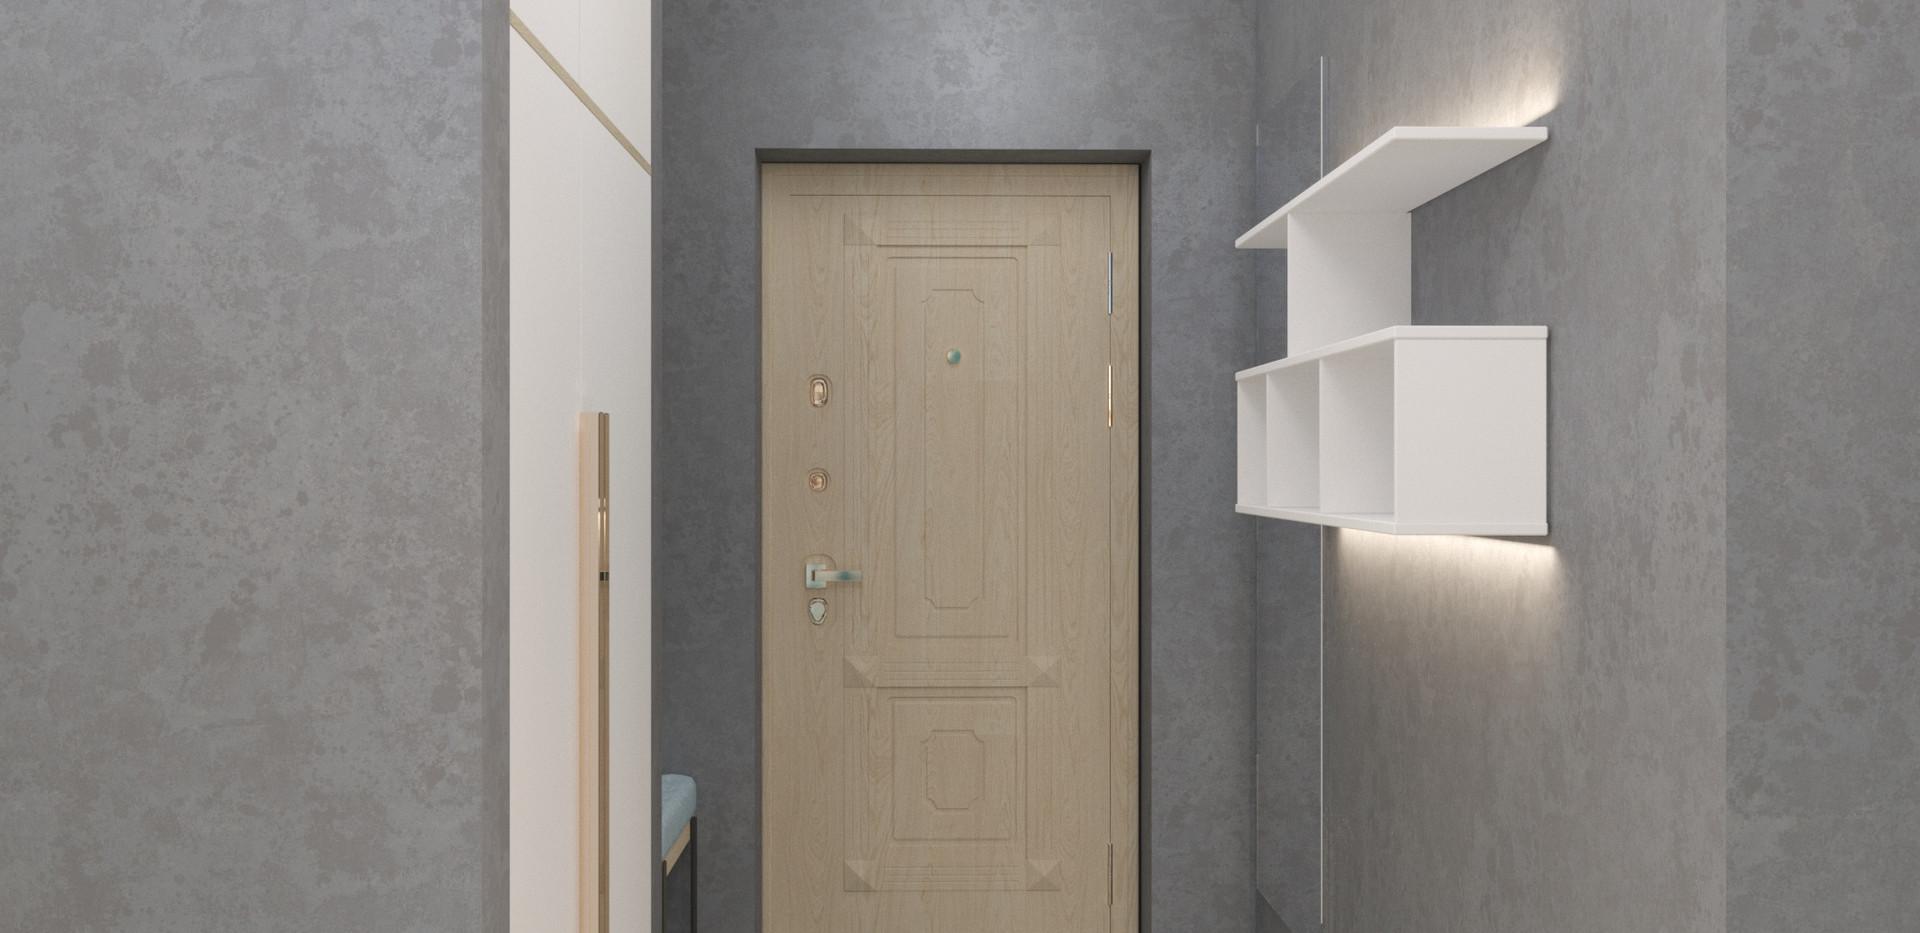 Входная дверь1.jpg